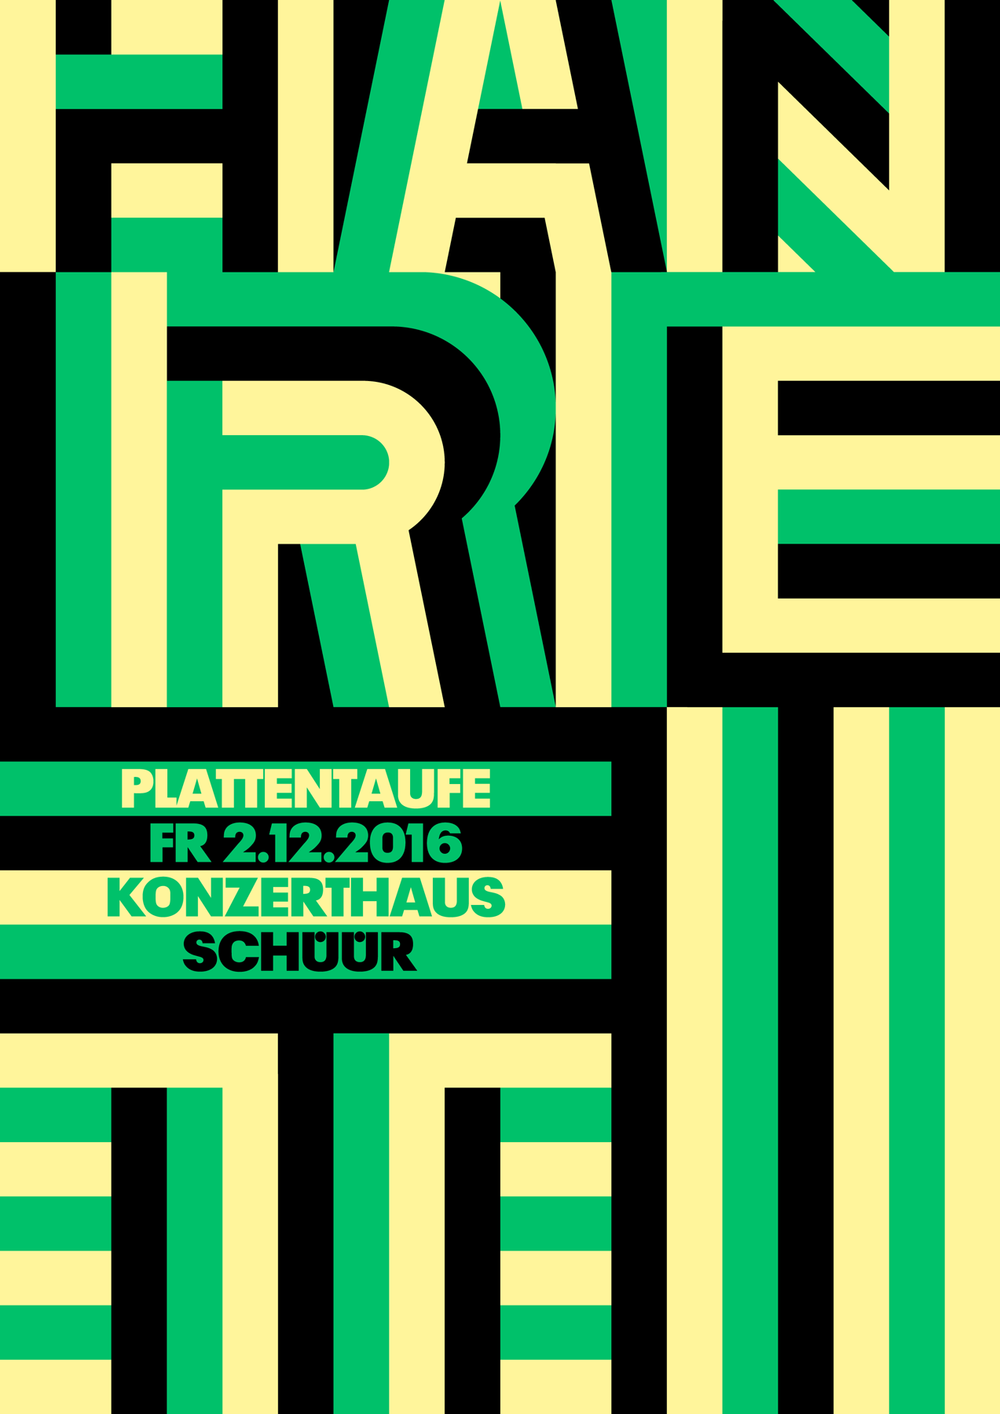 Erich-Brechbühl-poster-design-4.png